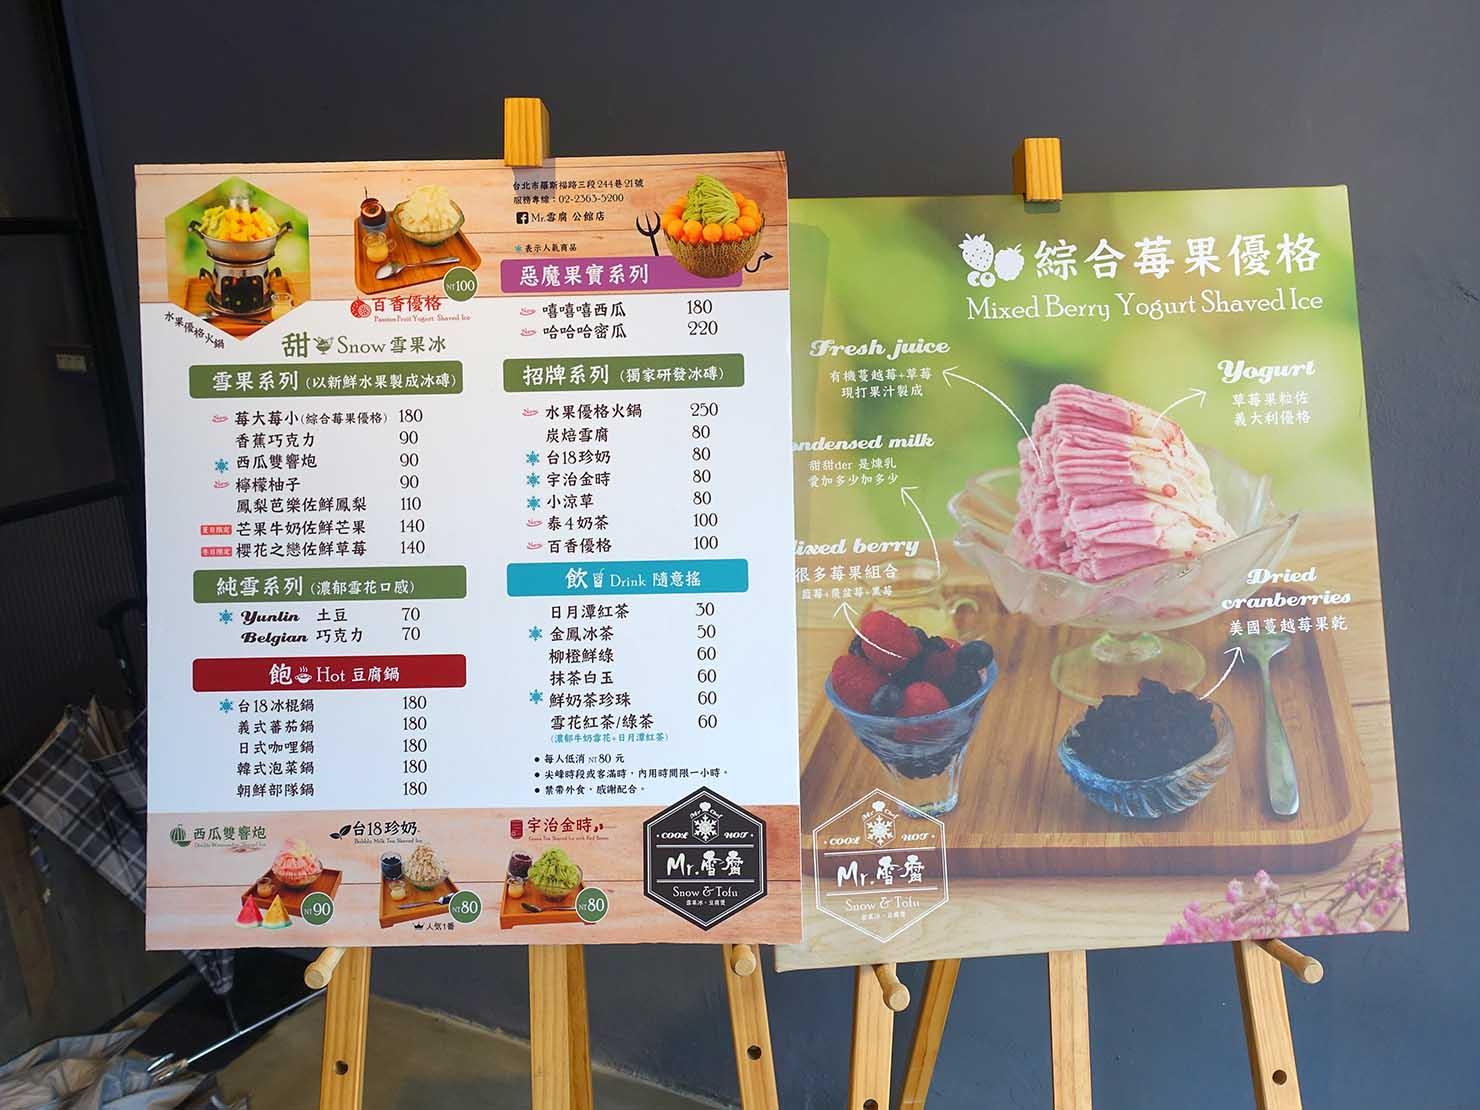 台北・公館にある美味しいマンゴーかき氷店「Mr.雪腐」のメニュー